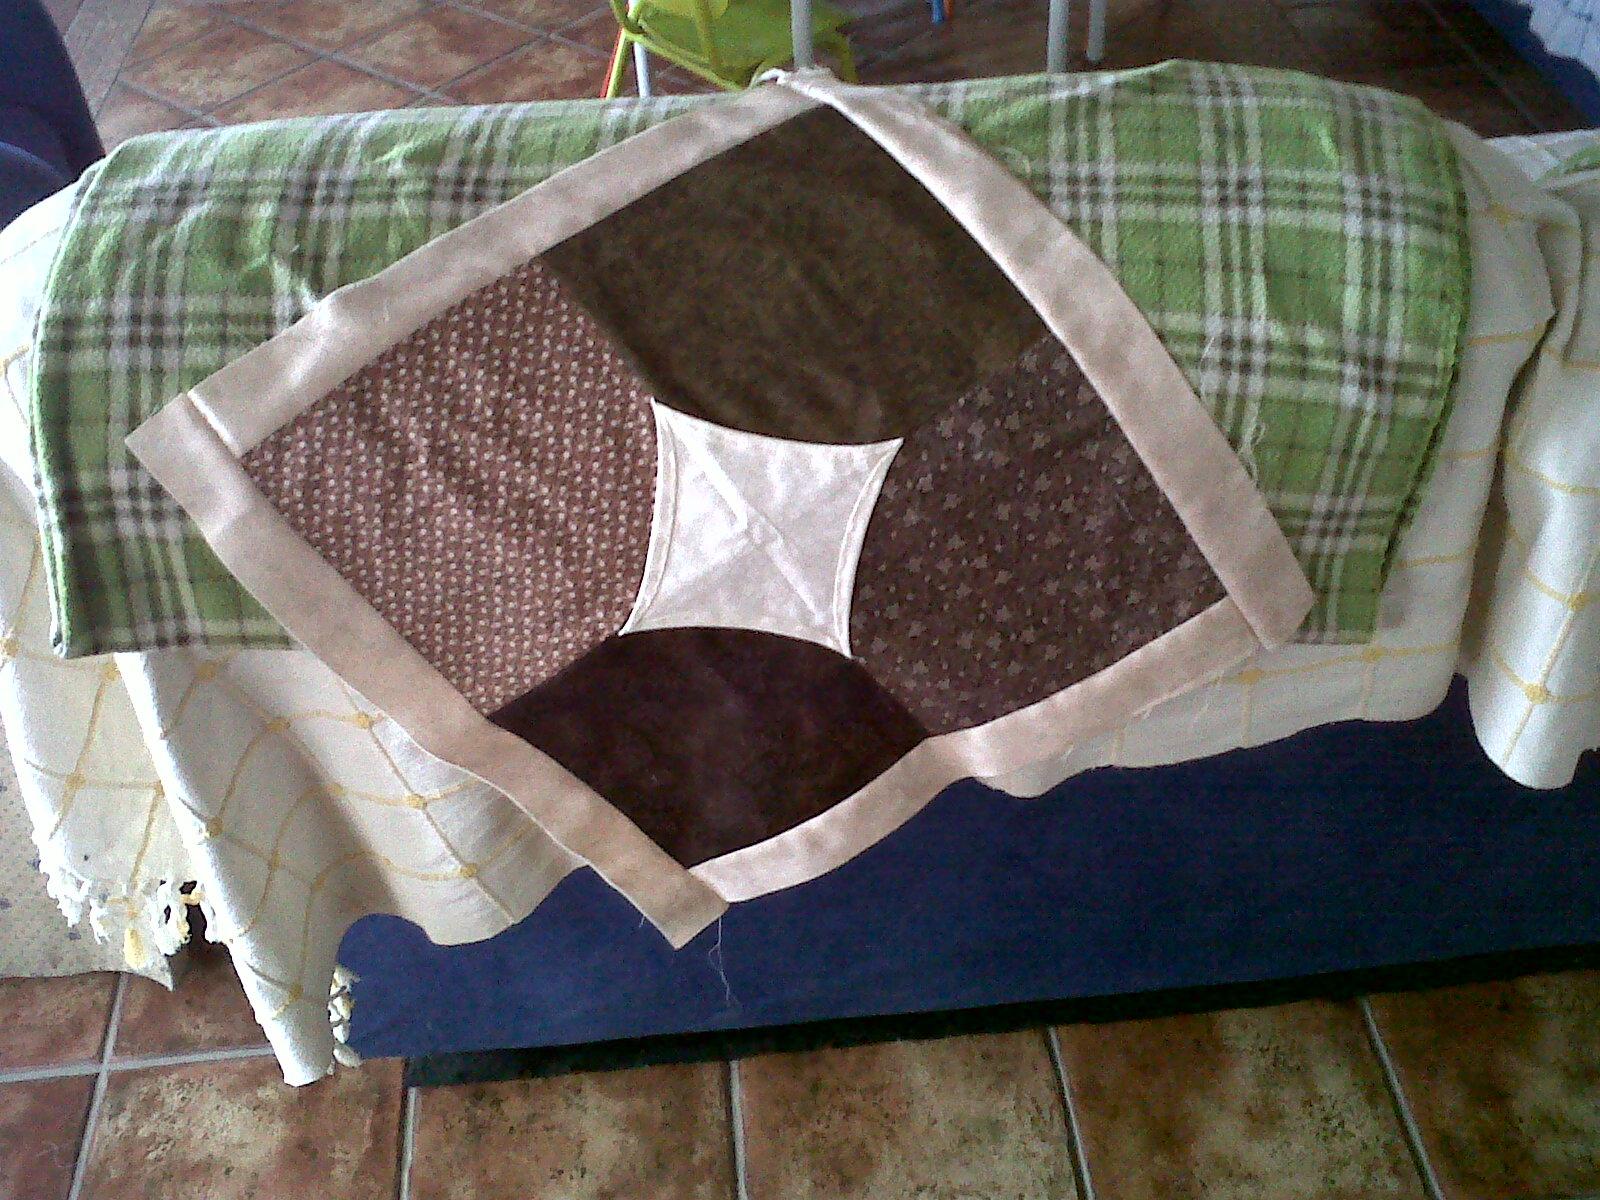 Labores artesanas manta y cojin rapido - Almazuelas patrones gratis ...